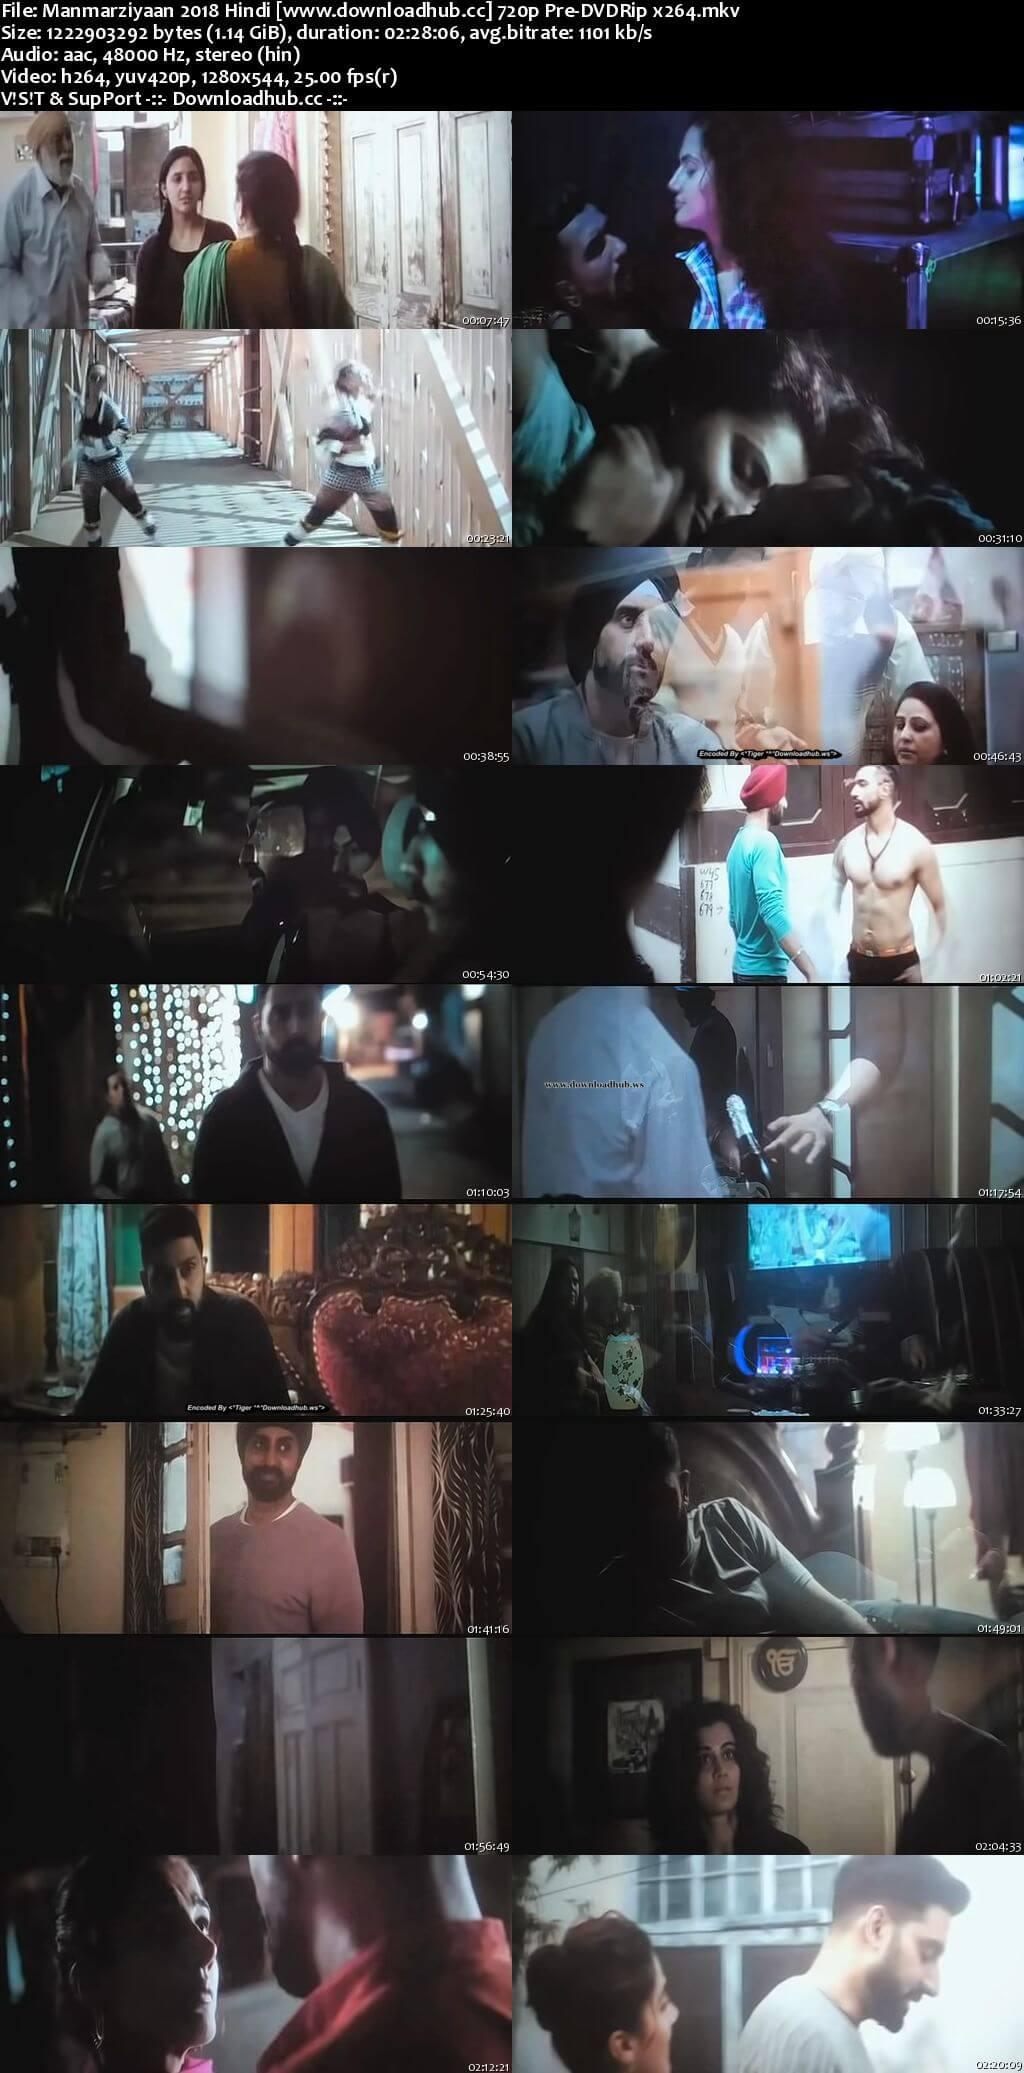 Manmarziyaan 2018 Hindi 720p Pre-DVDRip x264